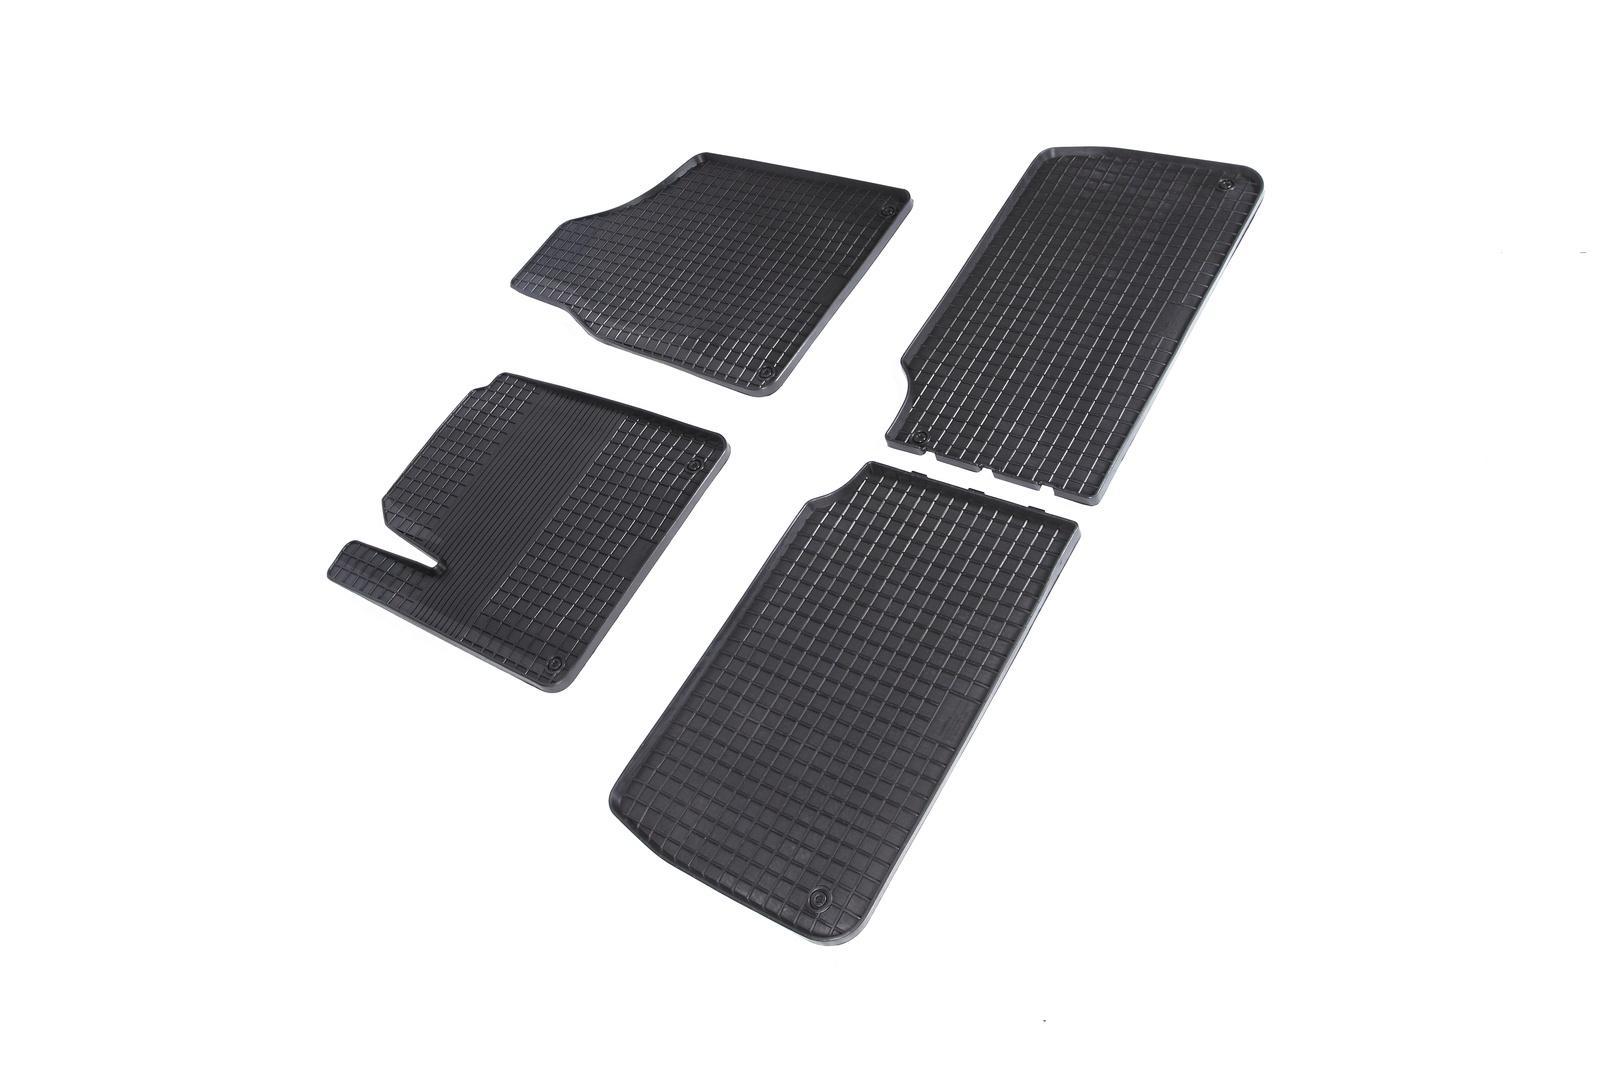 цена на Коврики в салон автомобиля Seintex Резиновые коврики Сетка для Lexus GS300 III 2WD 2005-2012